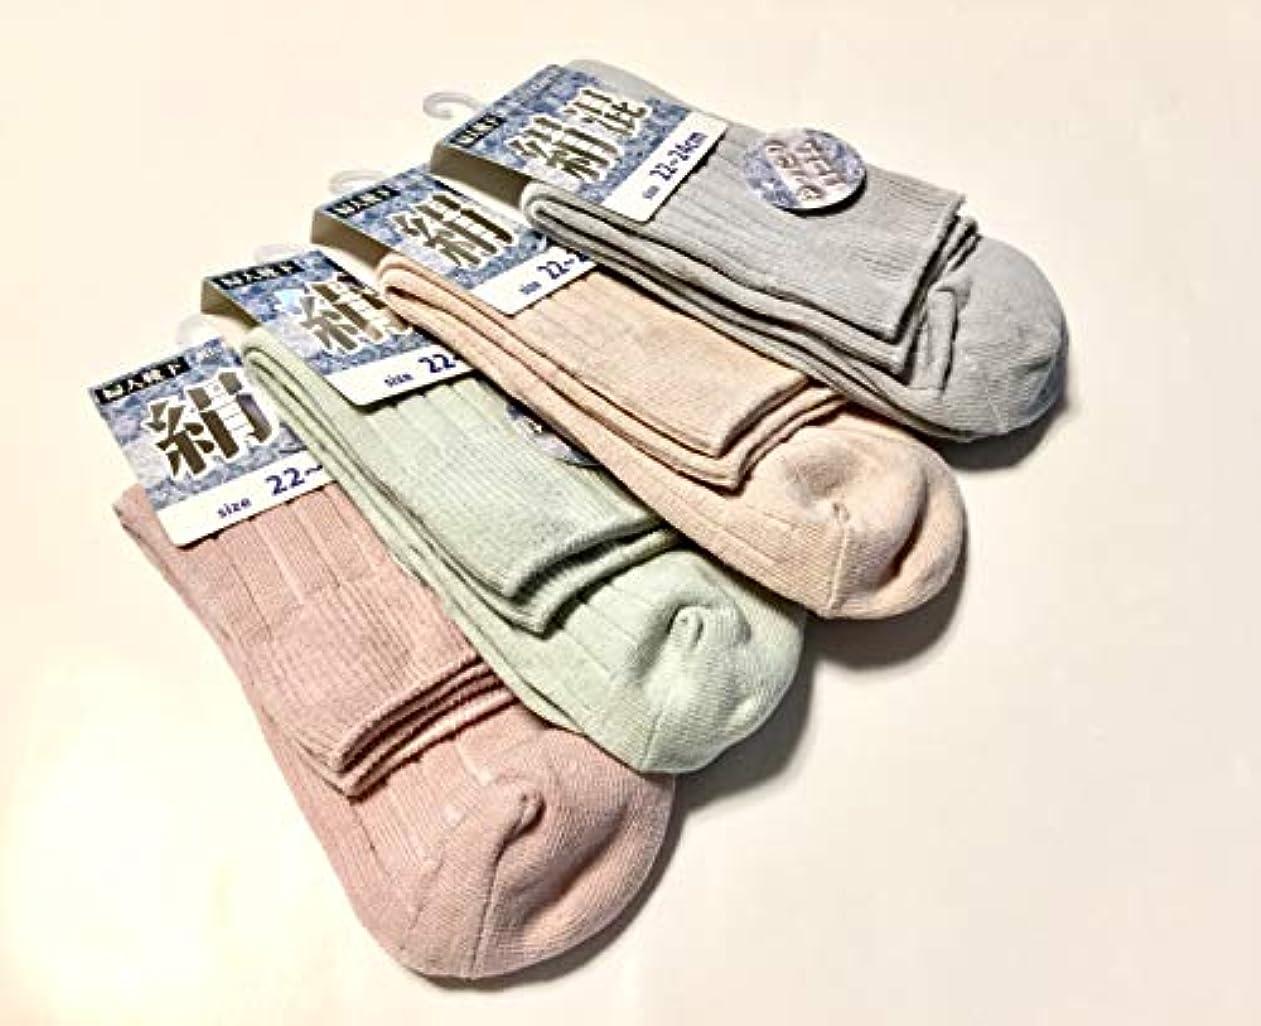 スペシャリストナインへメイン靴下 レディース シルク混 リブソックス 口ゴムゆったり 22-24cm 4足組(色はお任せ)